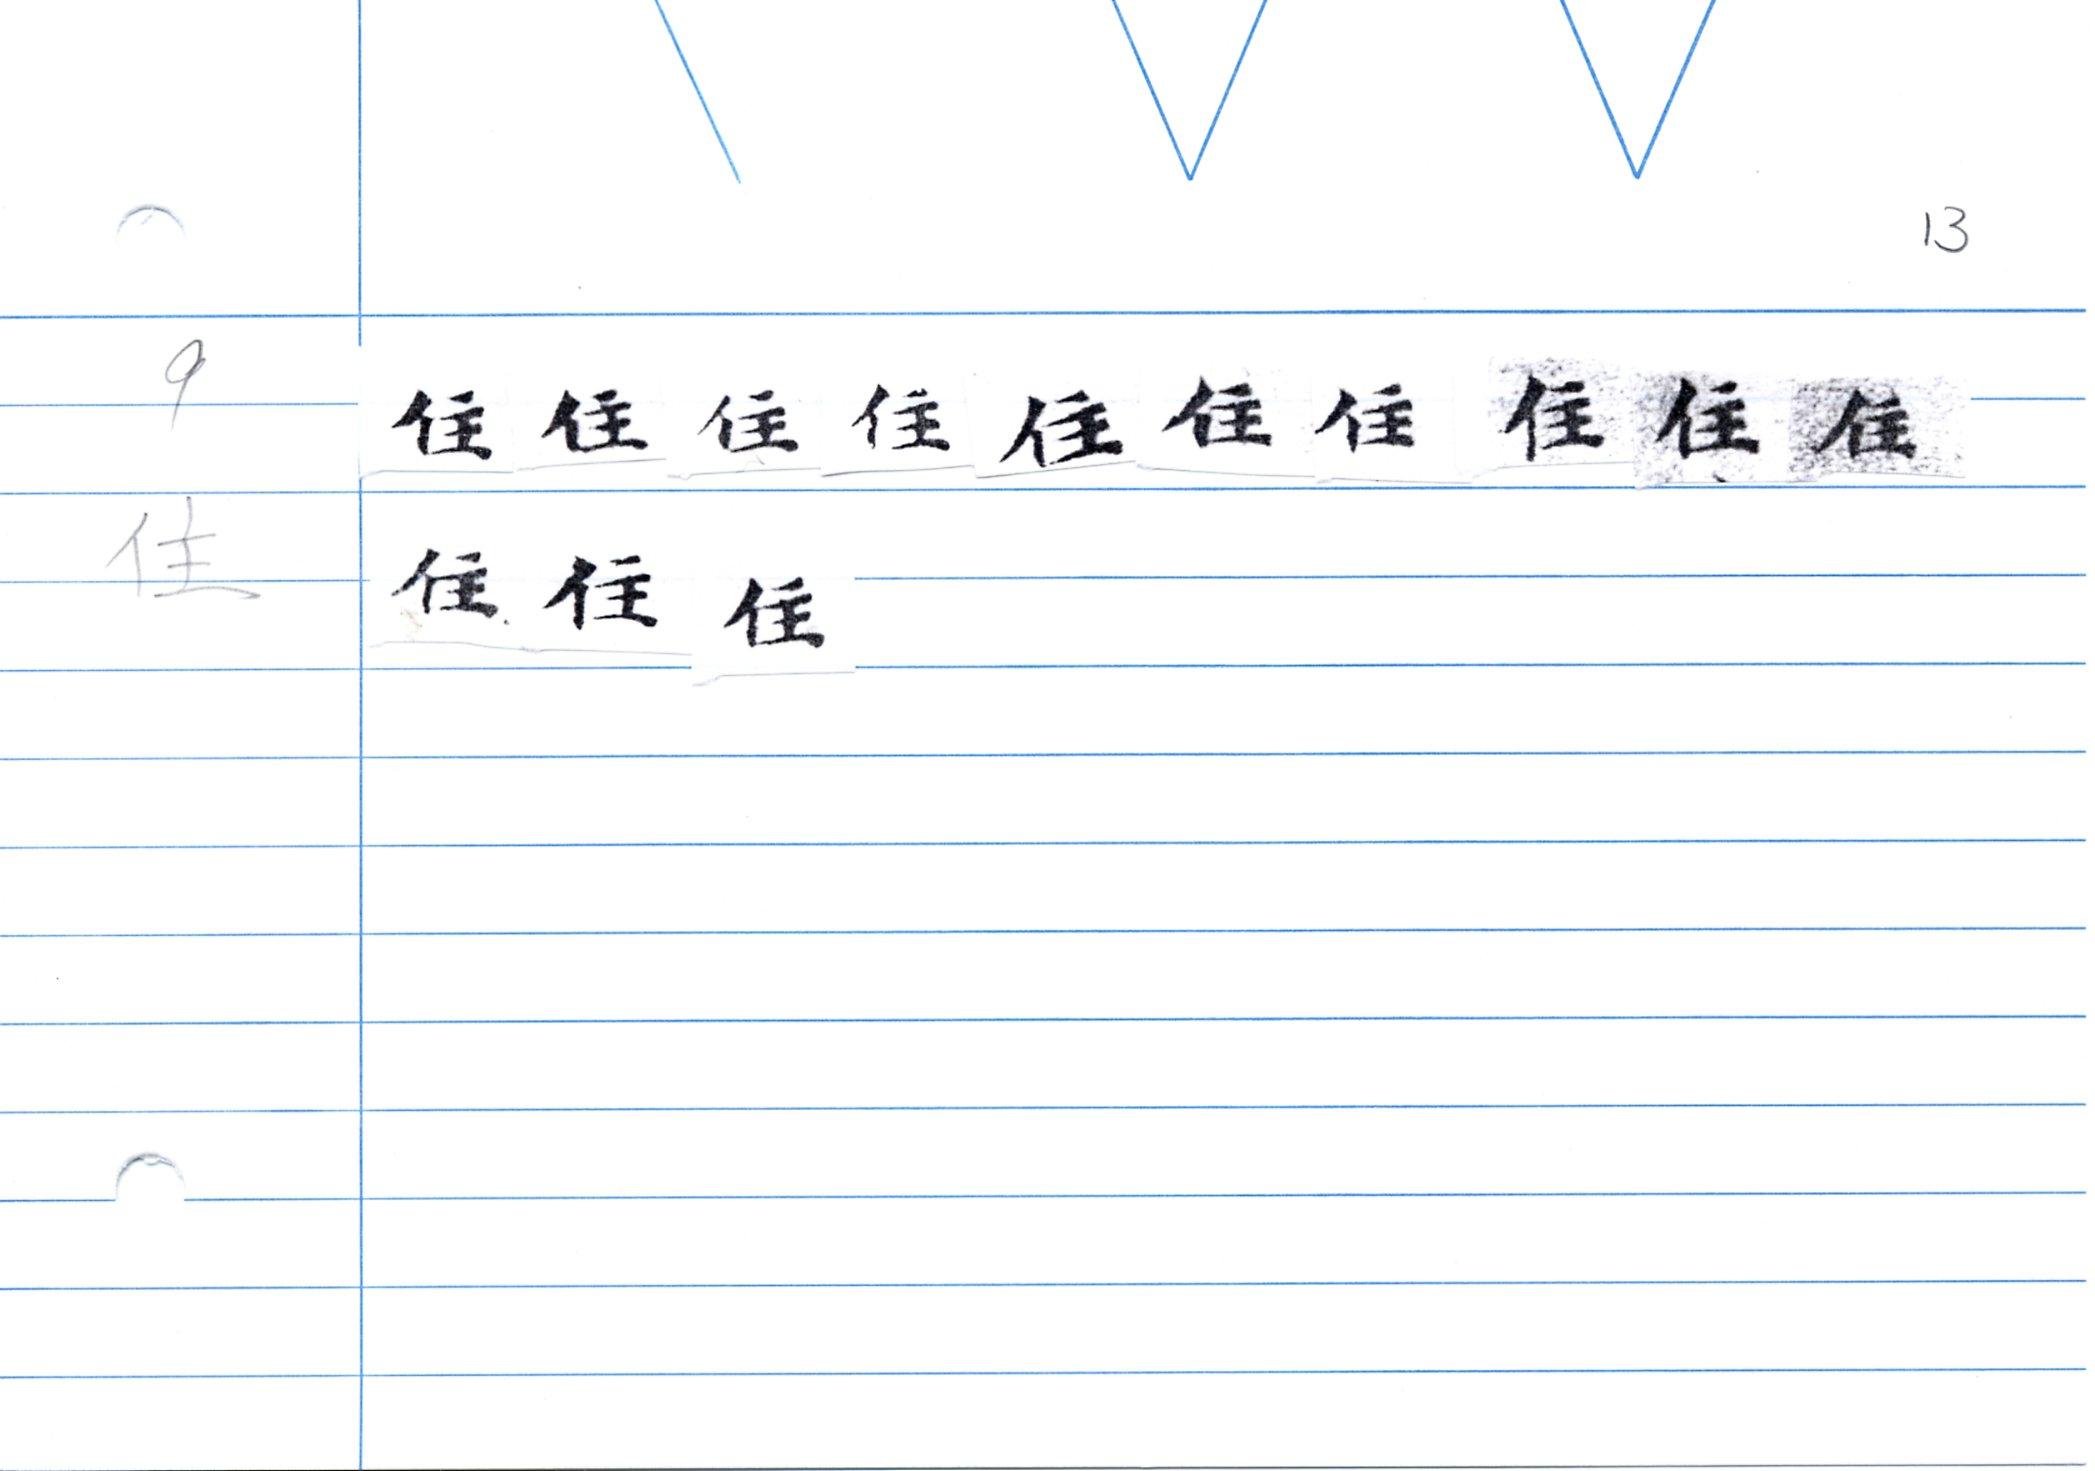 54_大般若經卷二百五十(和銅經)/cards/0027.JPG